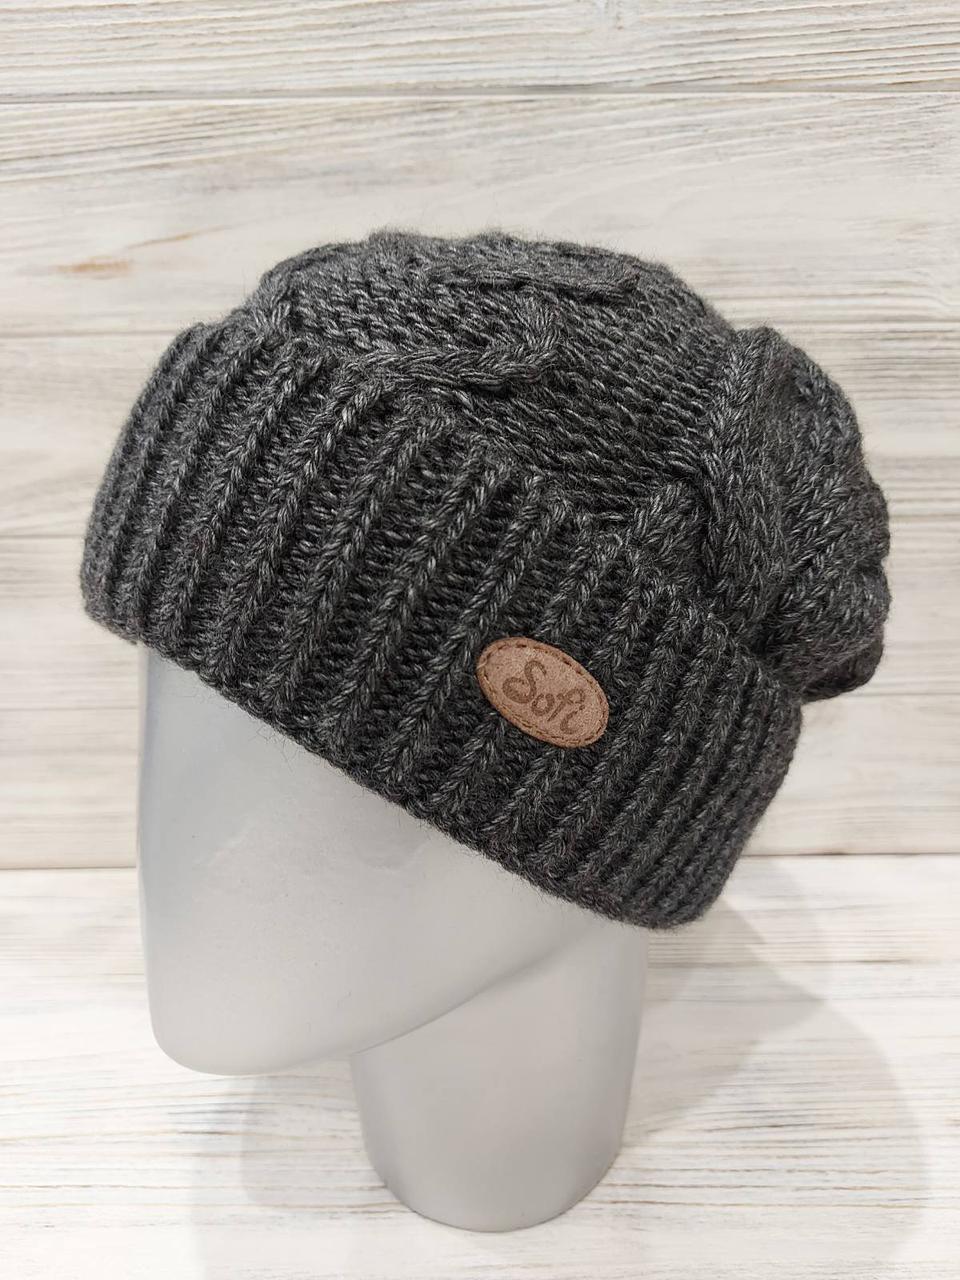 Женская шапка из полушерсти крупной вязки на защипе сзади, внутри на флисе 12sl293